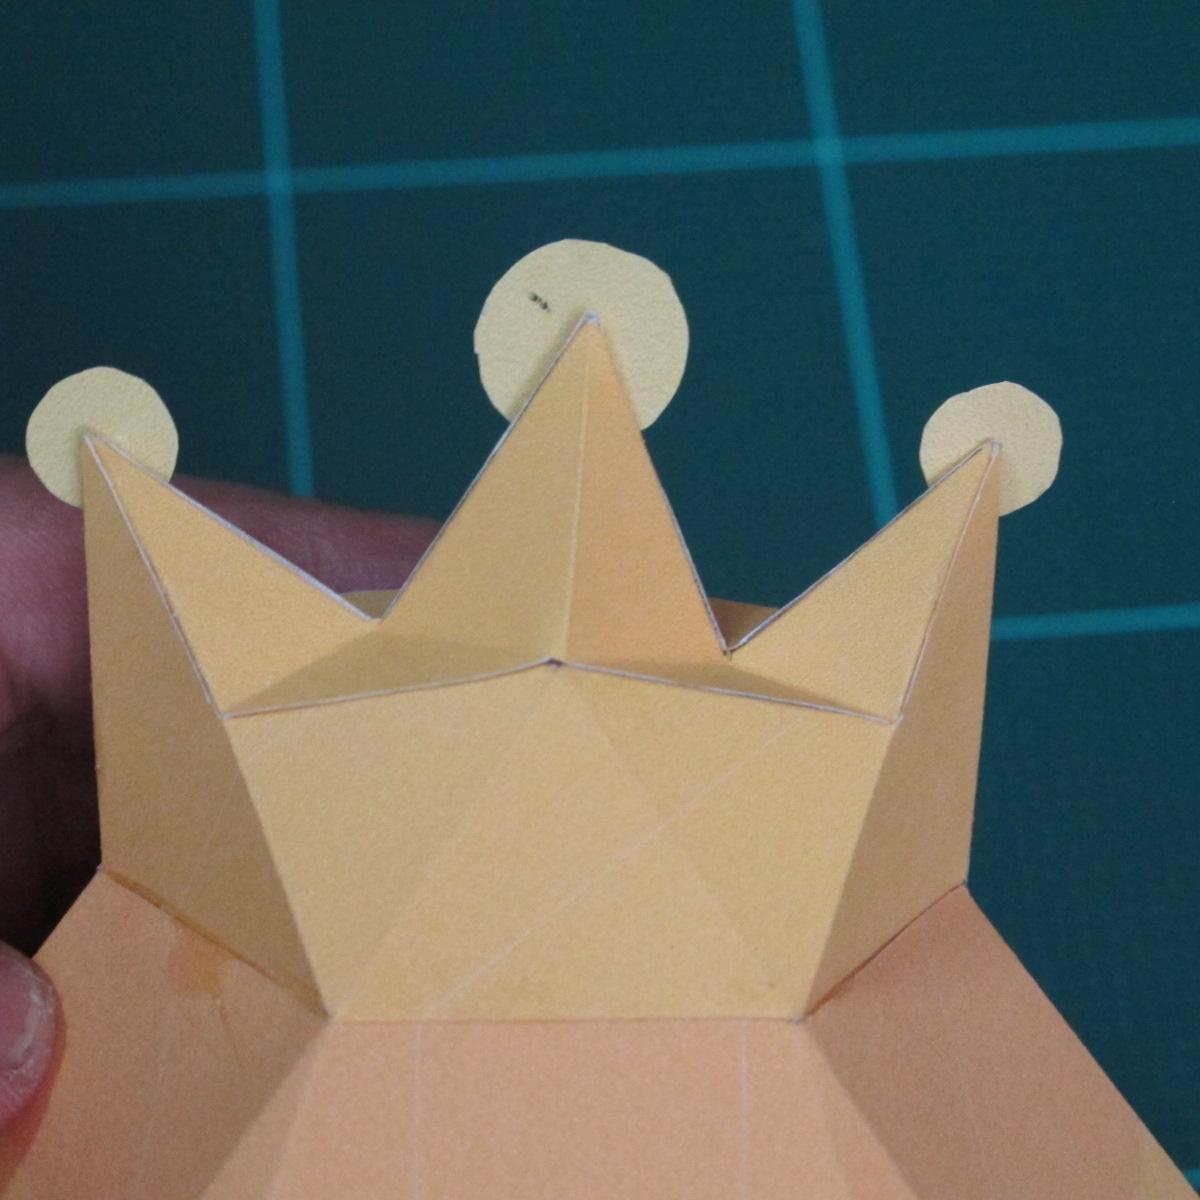 วิธีทำโมเดลกระดาษตุ้กตาสัตว์เลี้ยง หยดทองจากเกมส์ คุกกี้รัน (LINE Cookie Run Gold Drop Papercraft Model - クッキーラン  「黄金ドロップ」 ペーパークラフト) 019